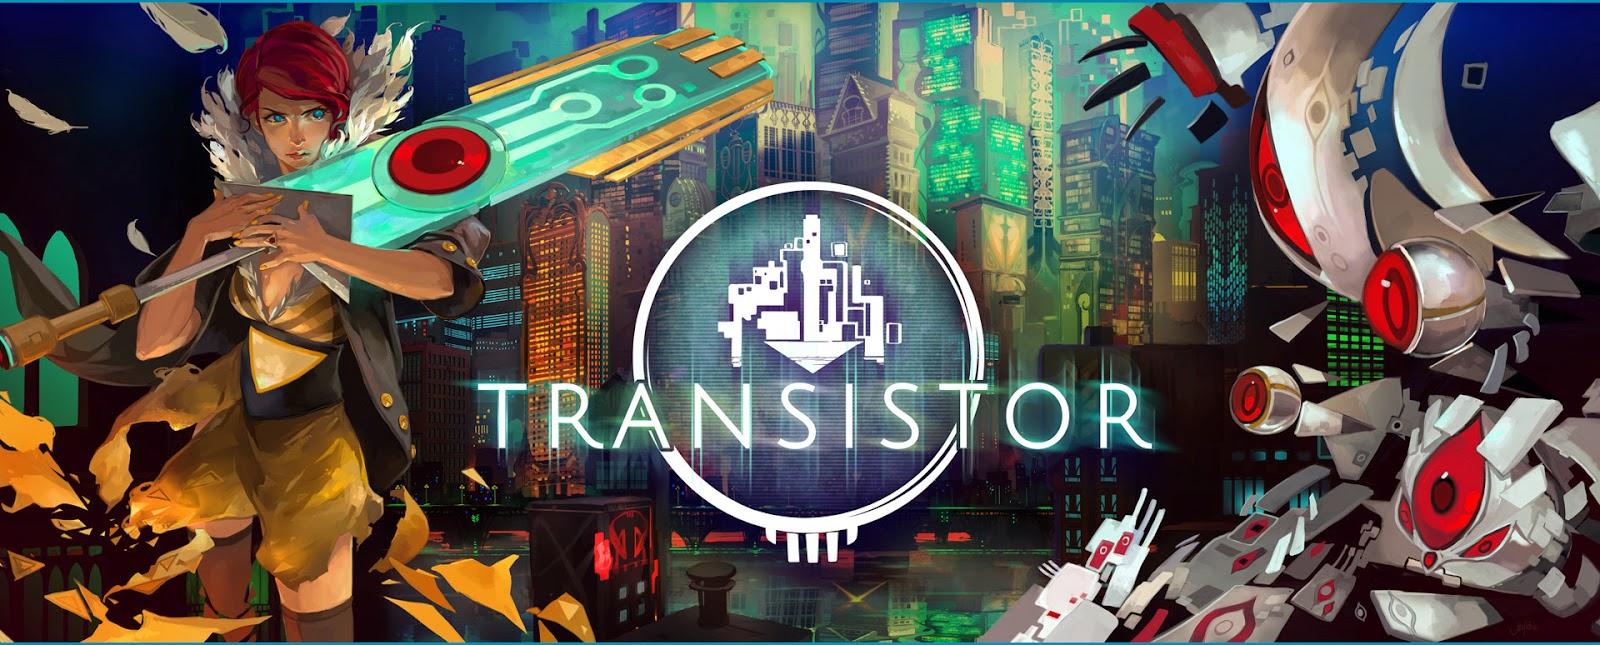 Programa 8x16 (06-0-2015) - 'Transistor' Transistor_header